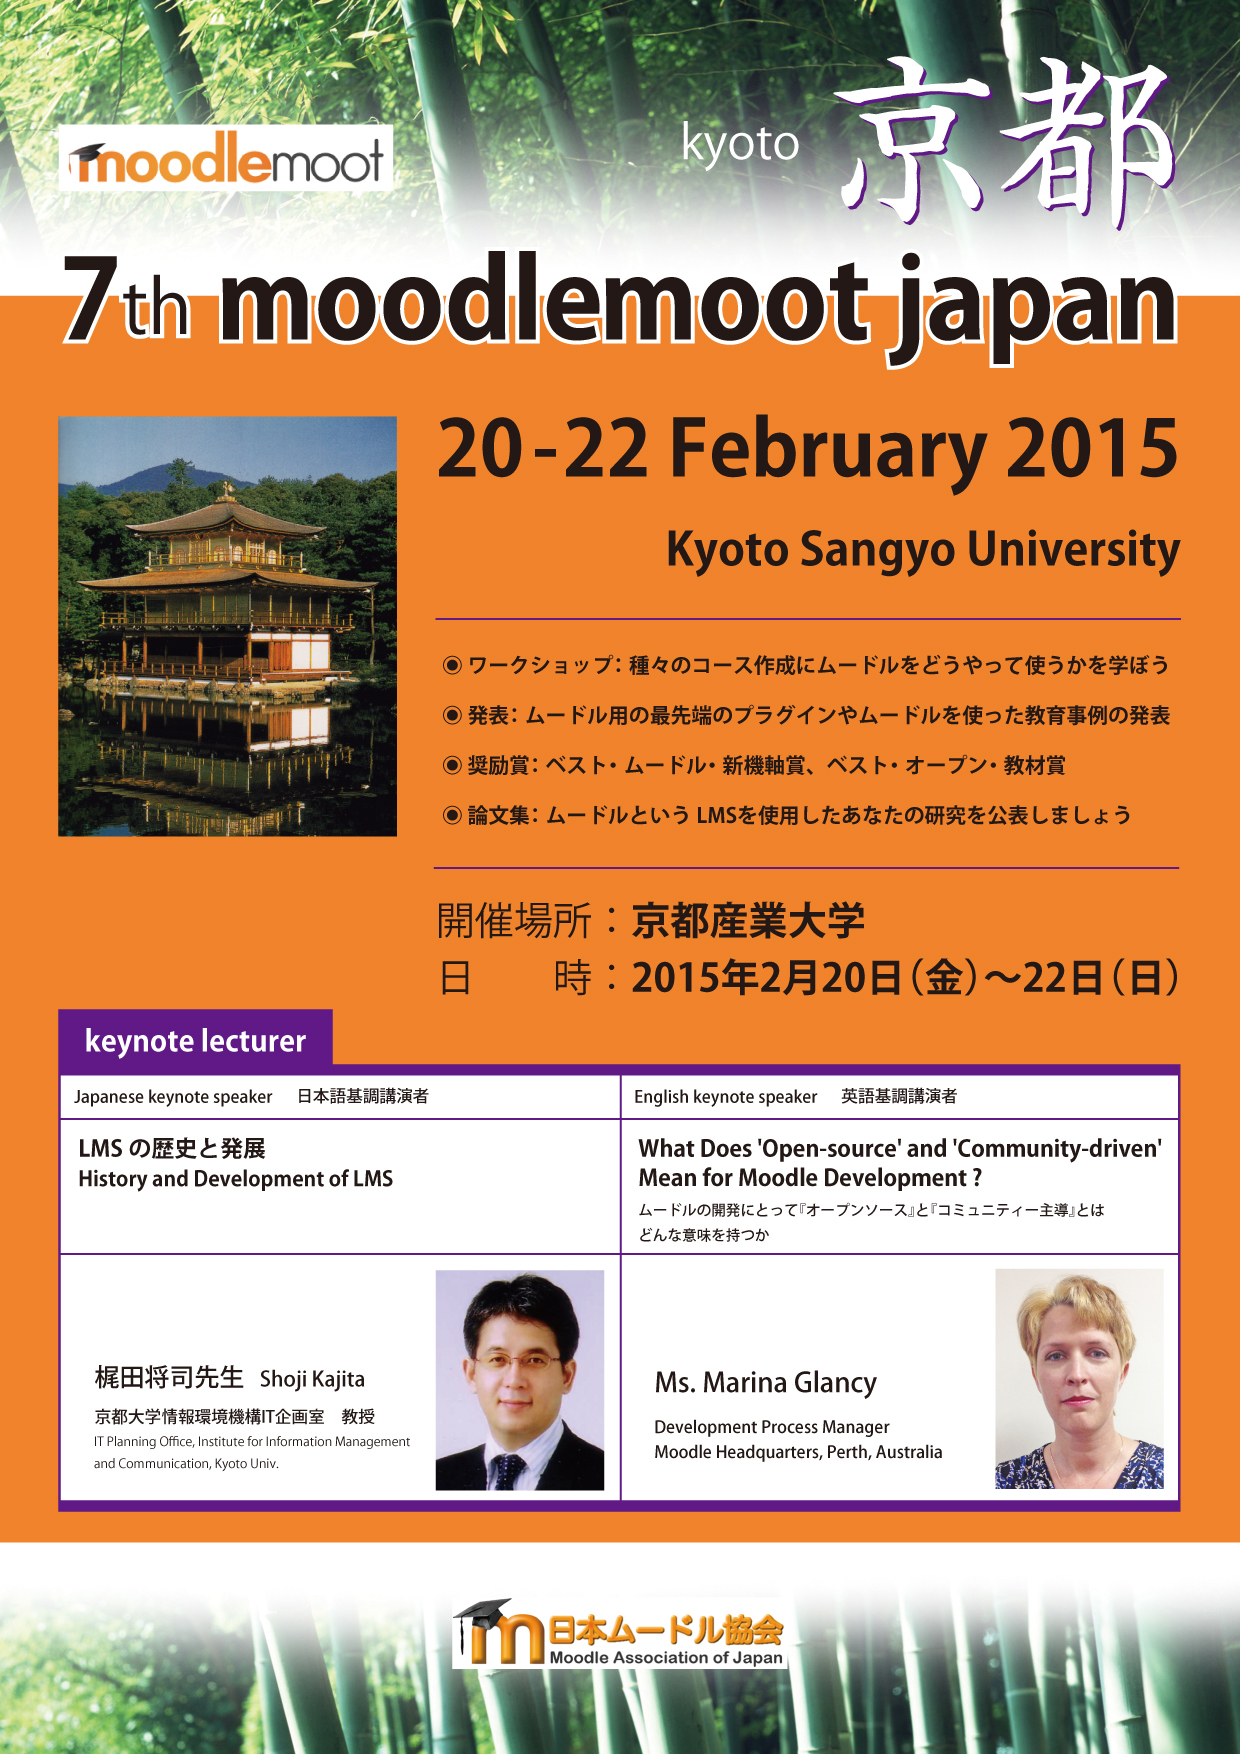 moot2015 info reg subs moot 2015 flyer j